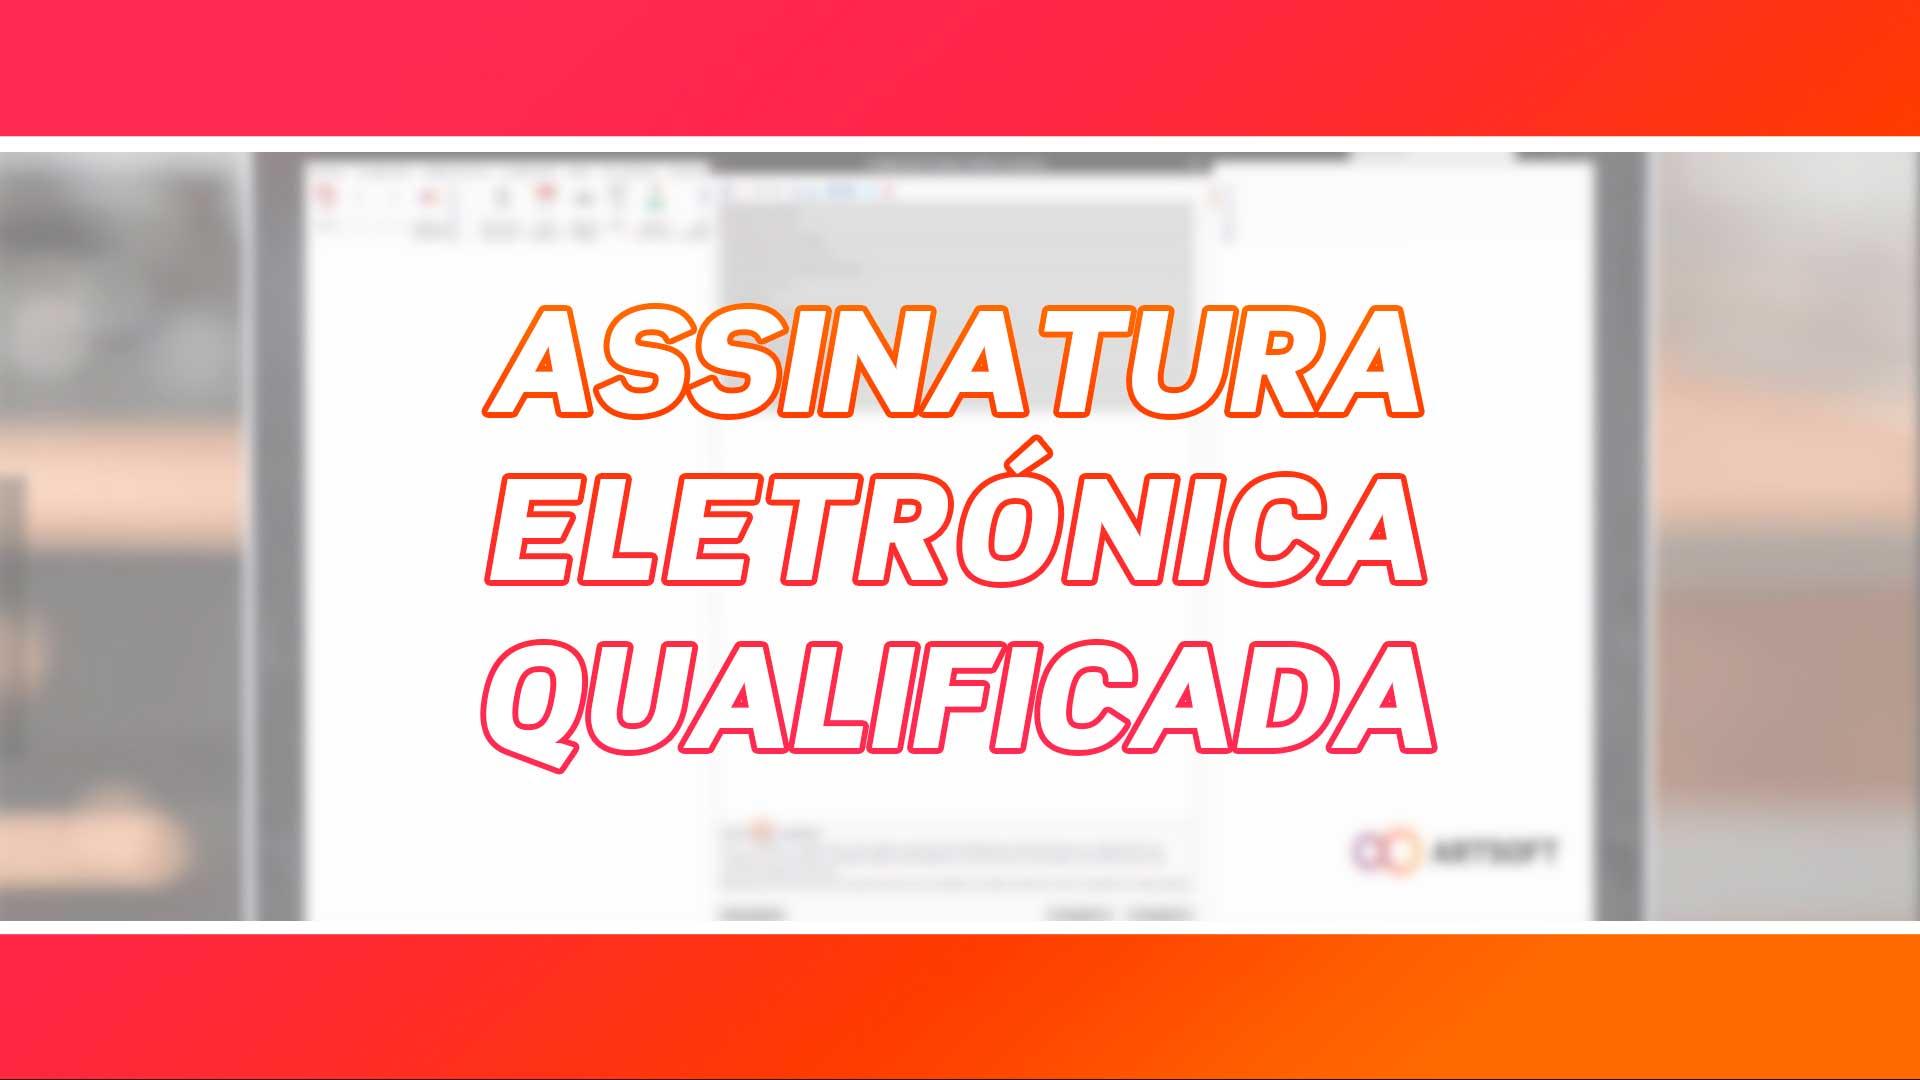 Assinatura Eletrónica Qualificada | Disponível com o ARTSOFT v21